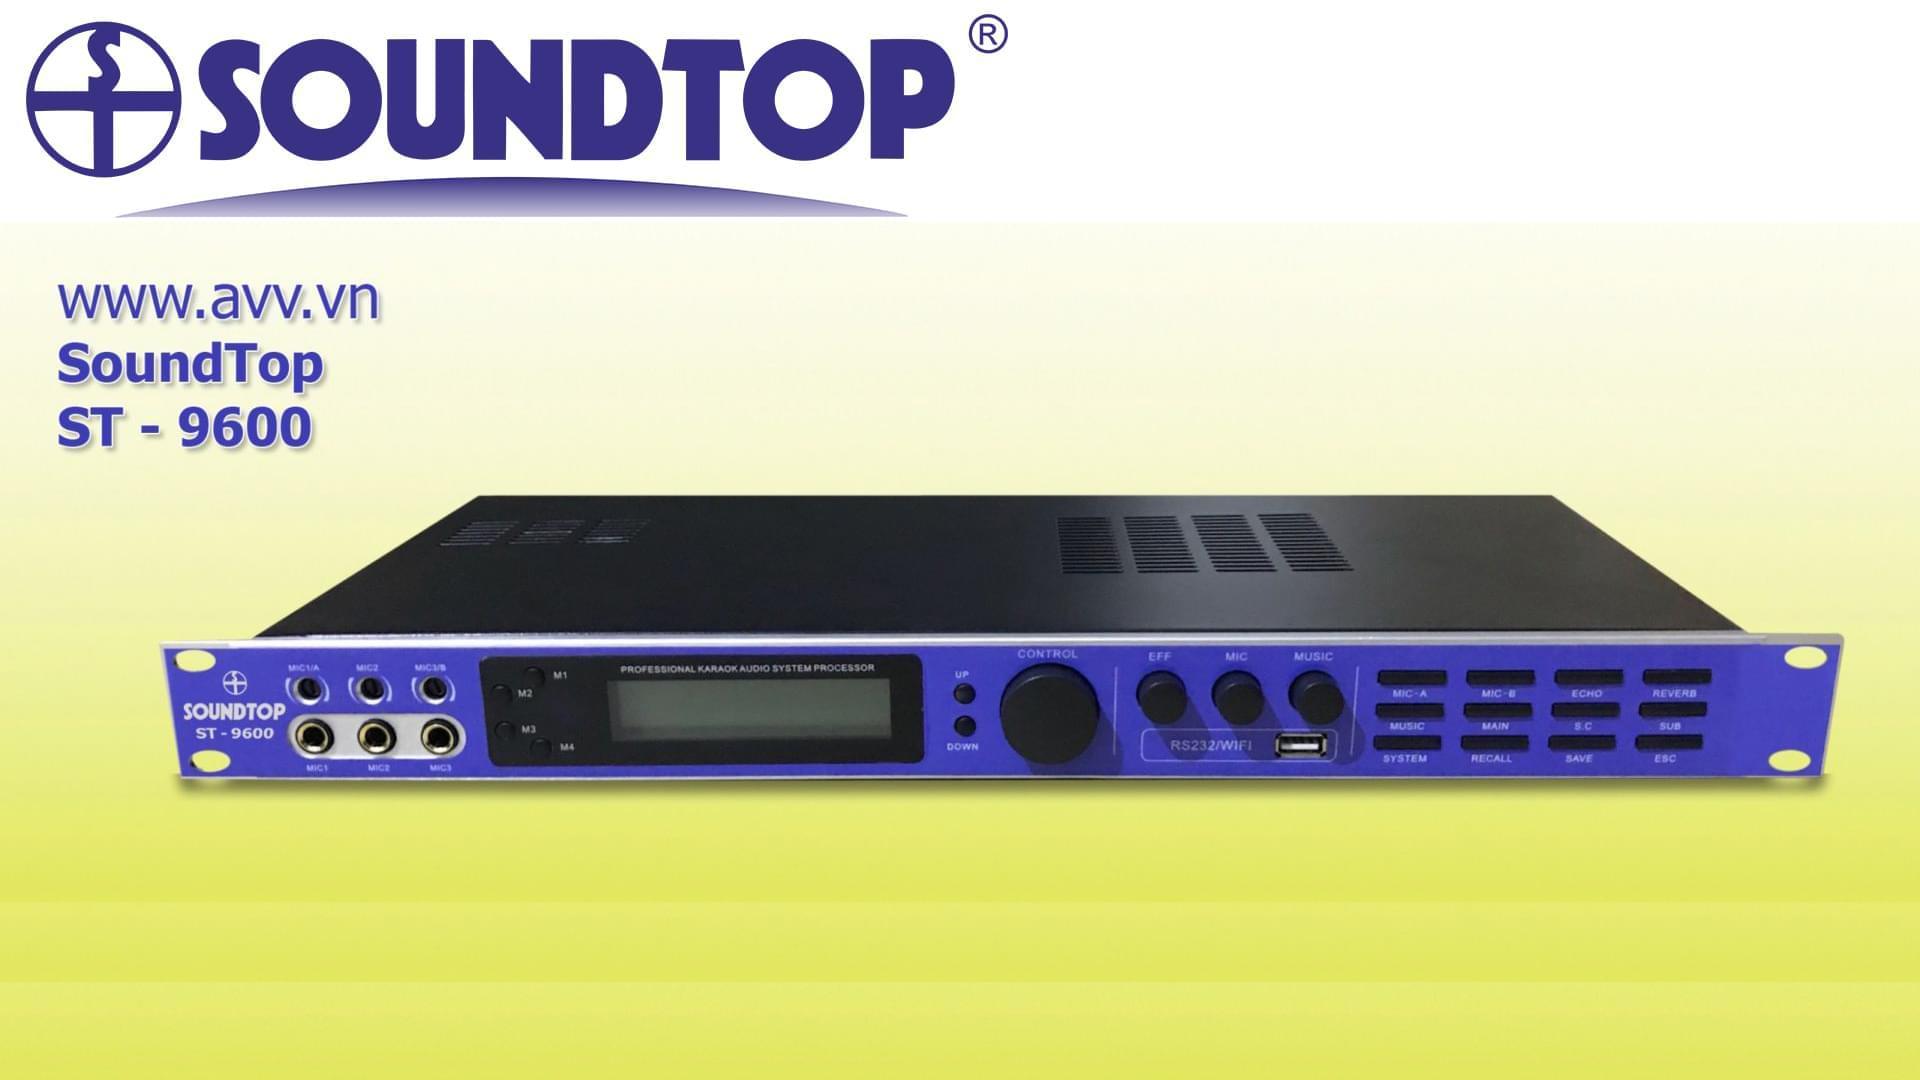 SoundTop ST 9600